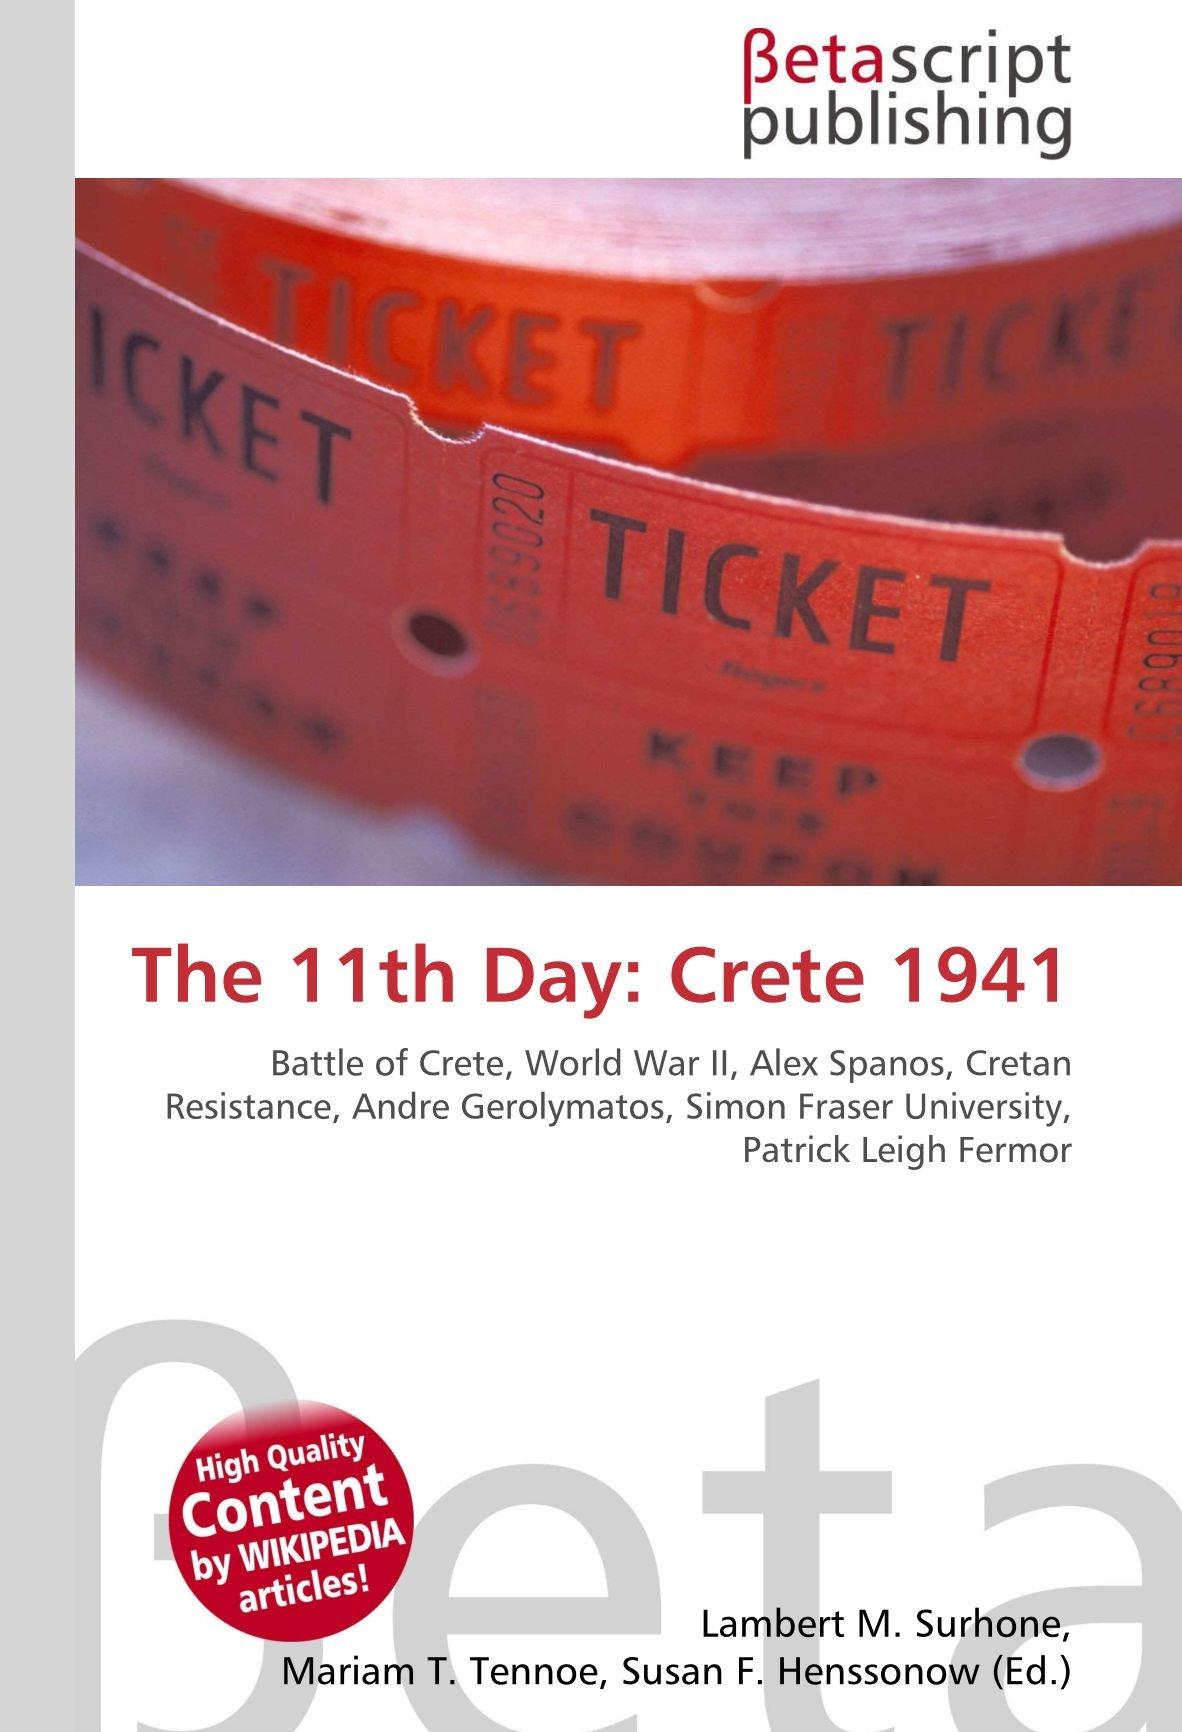 The 11th Day: Crete 1941